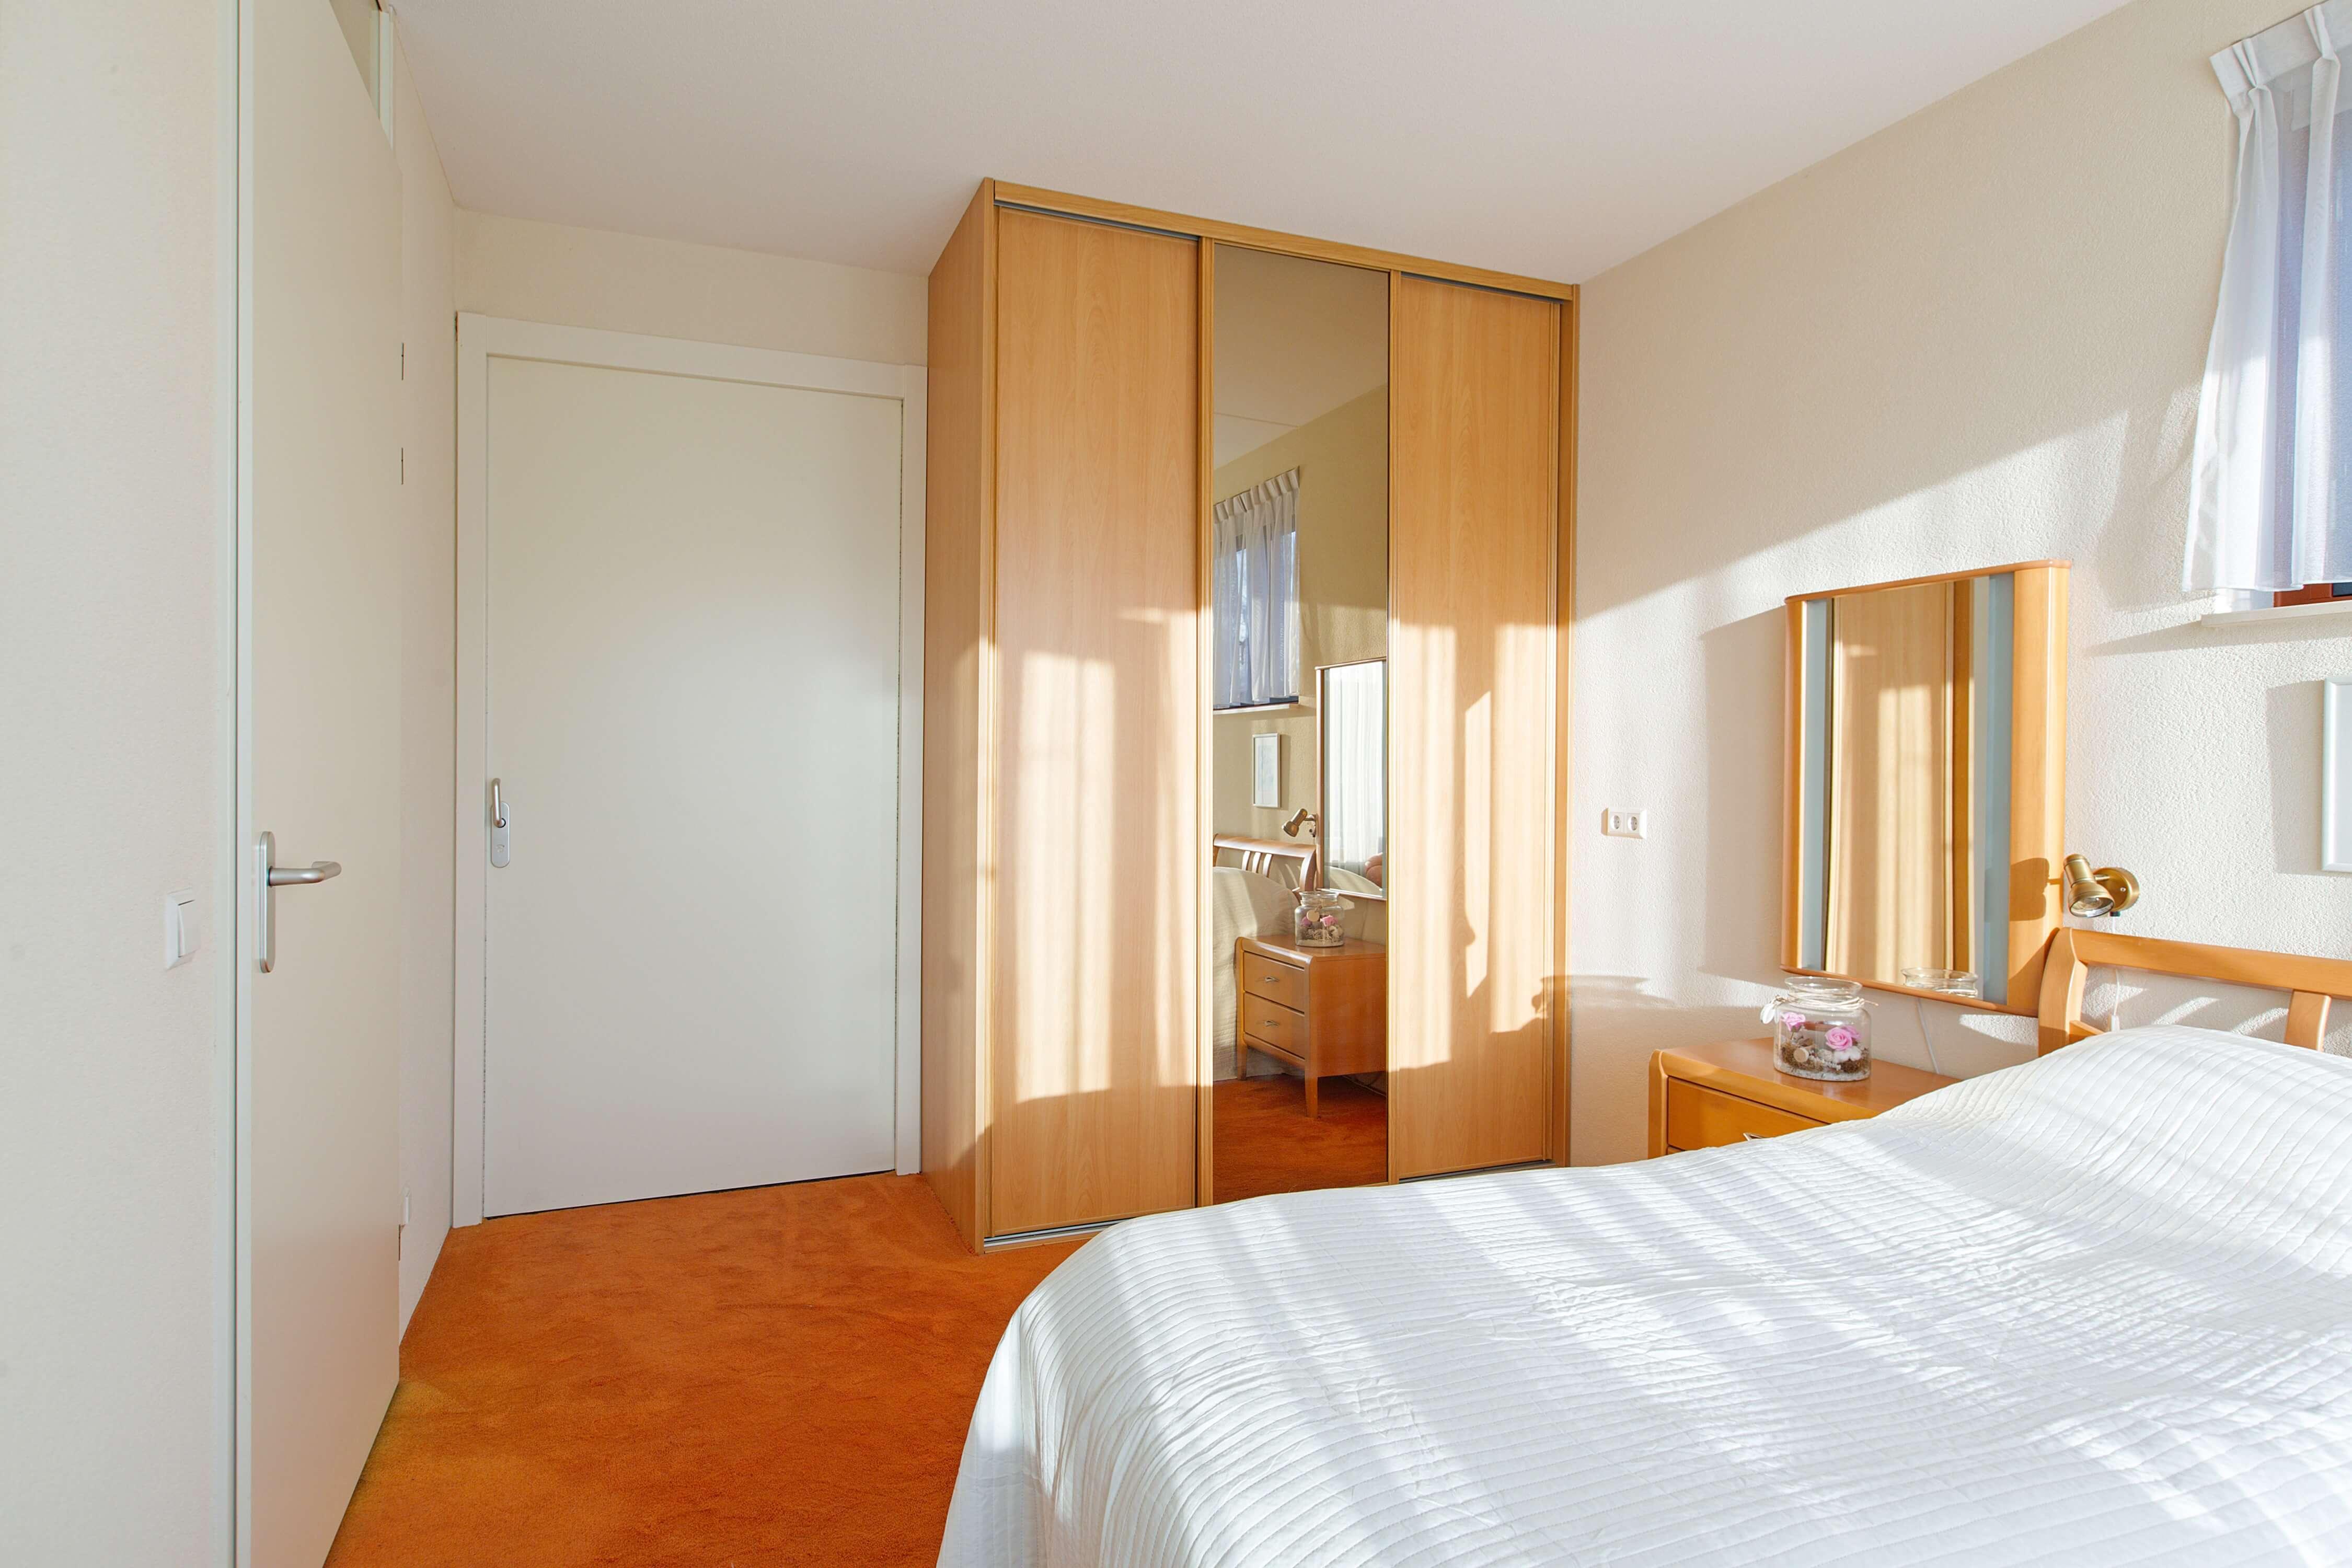 Te koop appartement Heemskerk Lessestraat Heemskerk slaapkamer 1 - Huisinzicht